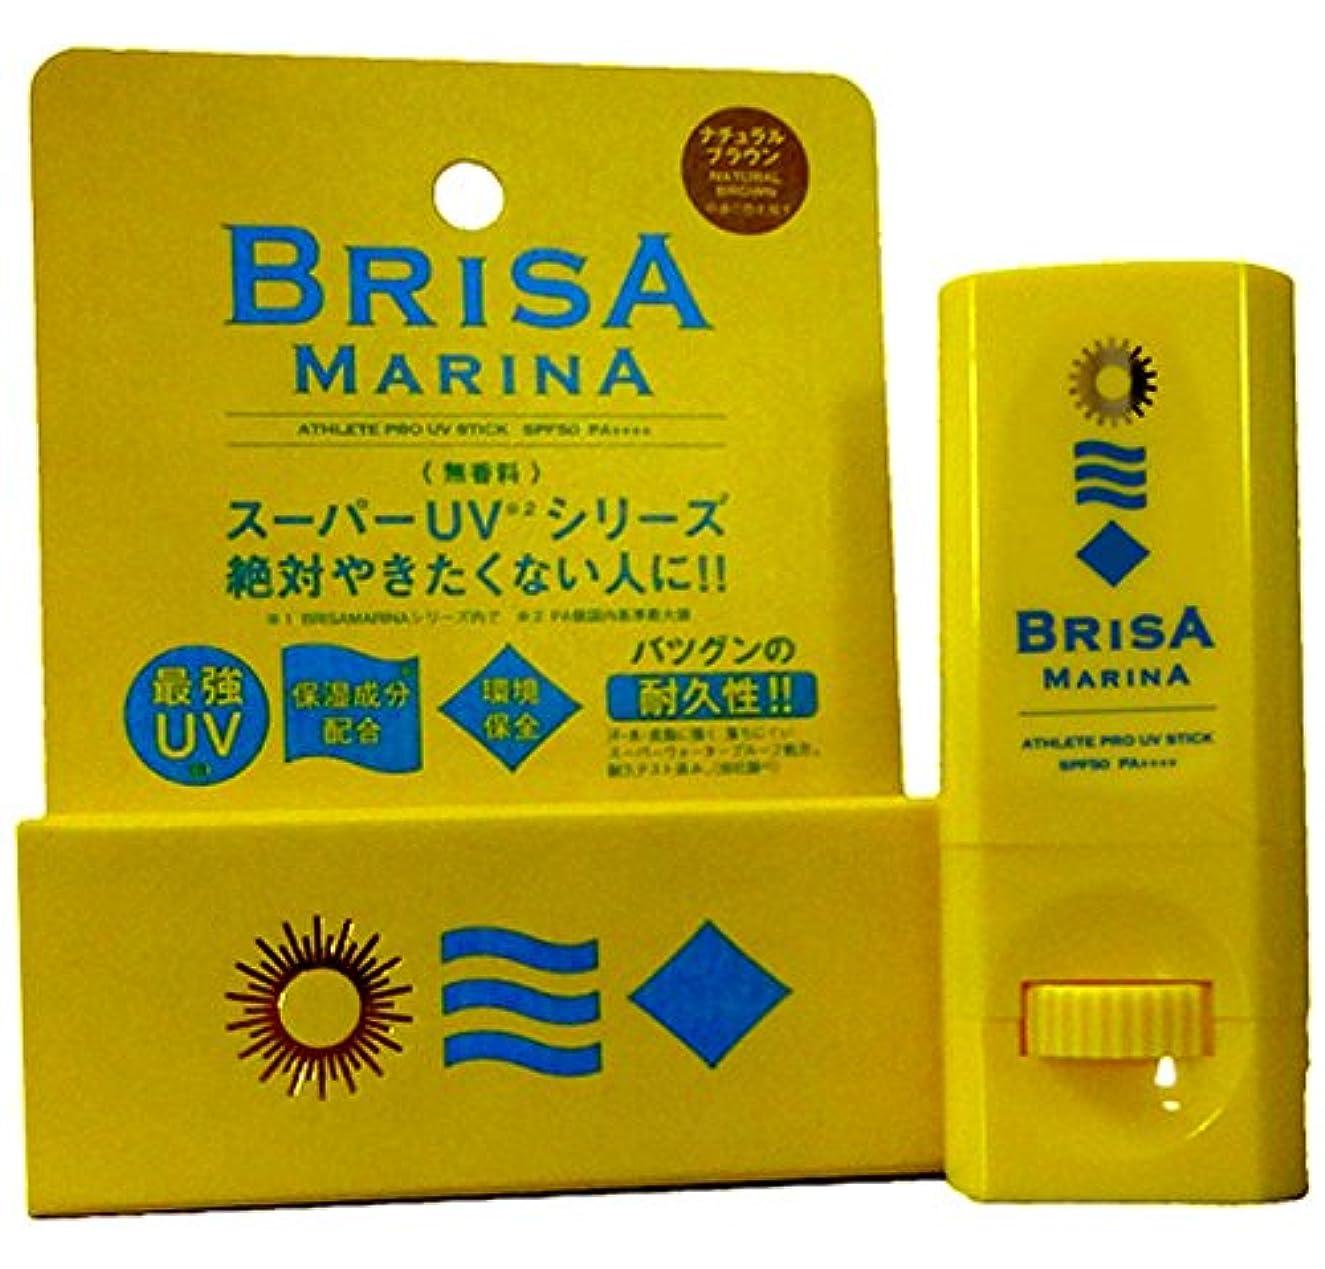 会話型宿命しないBRISA MARINA(ブリサマリーナ) ATHLETE PRO UV STICK 10g 日焼け止め スティック (01-WHITE)